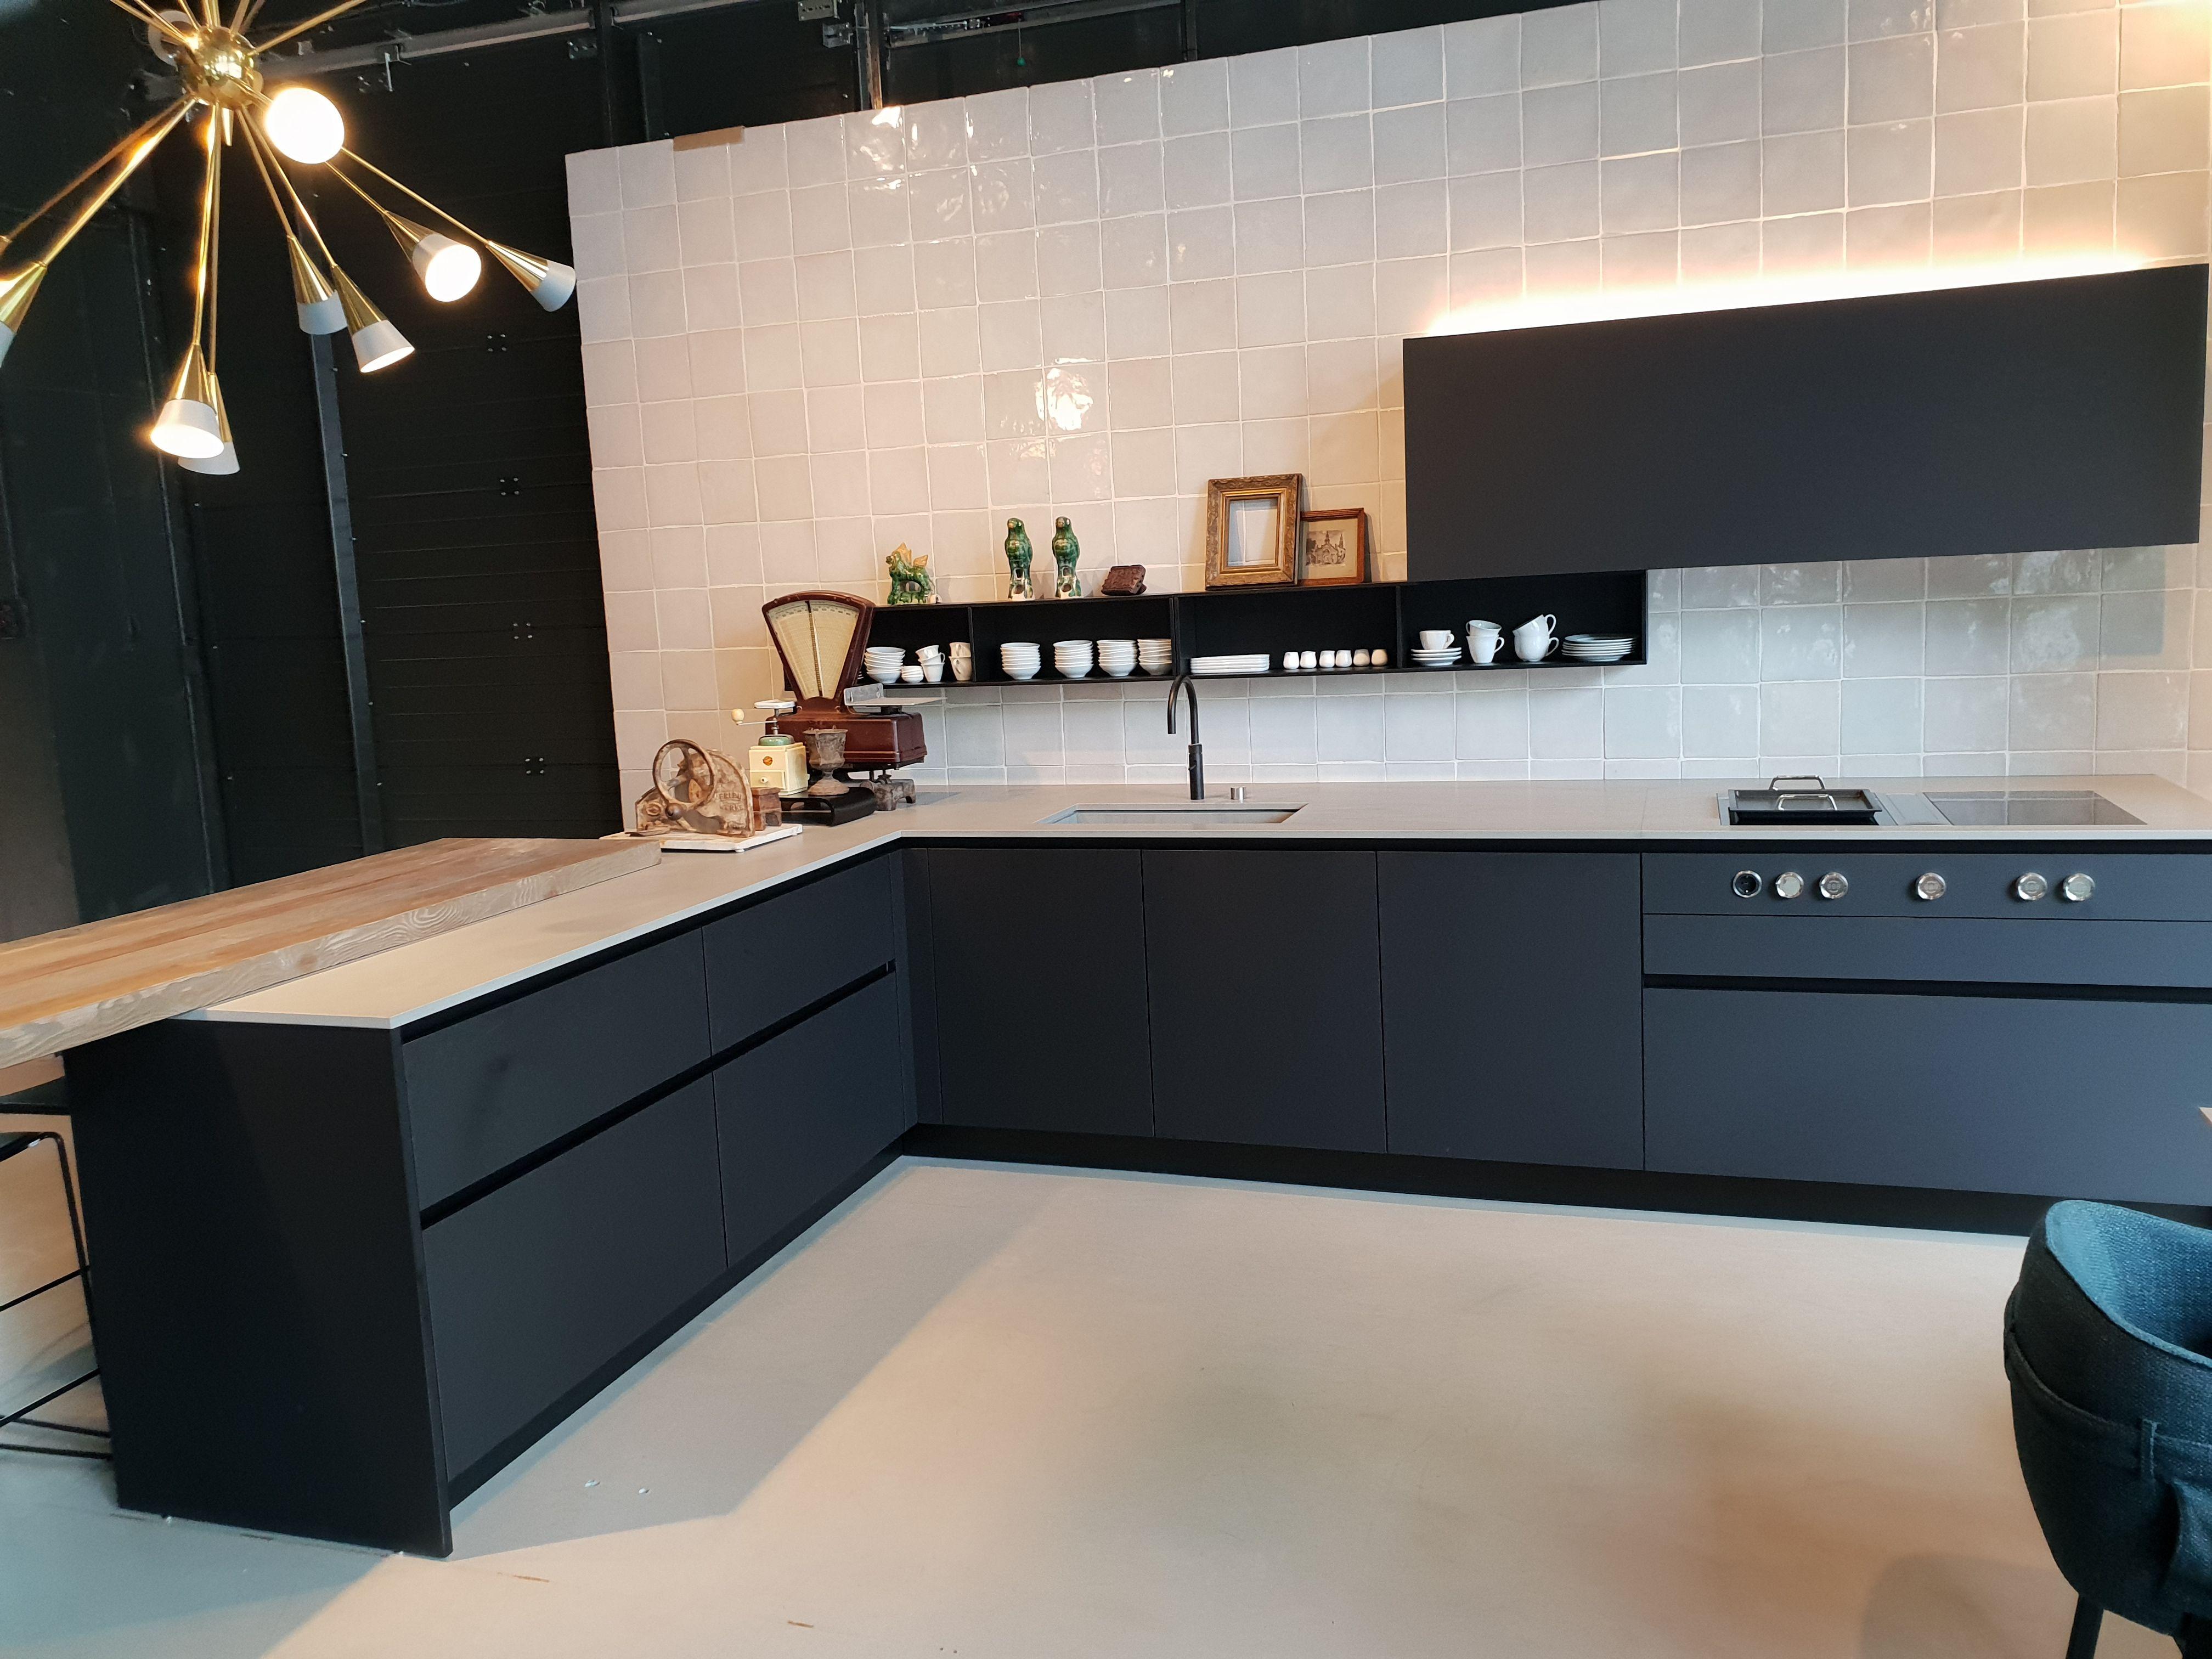 Strak Keuken Tegels : Optie boffi keuken. mooi strak stoer makkelijk in gebruik. met